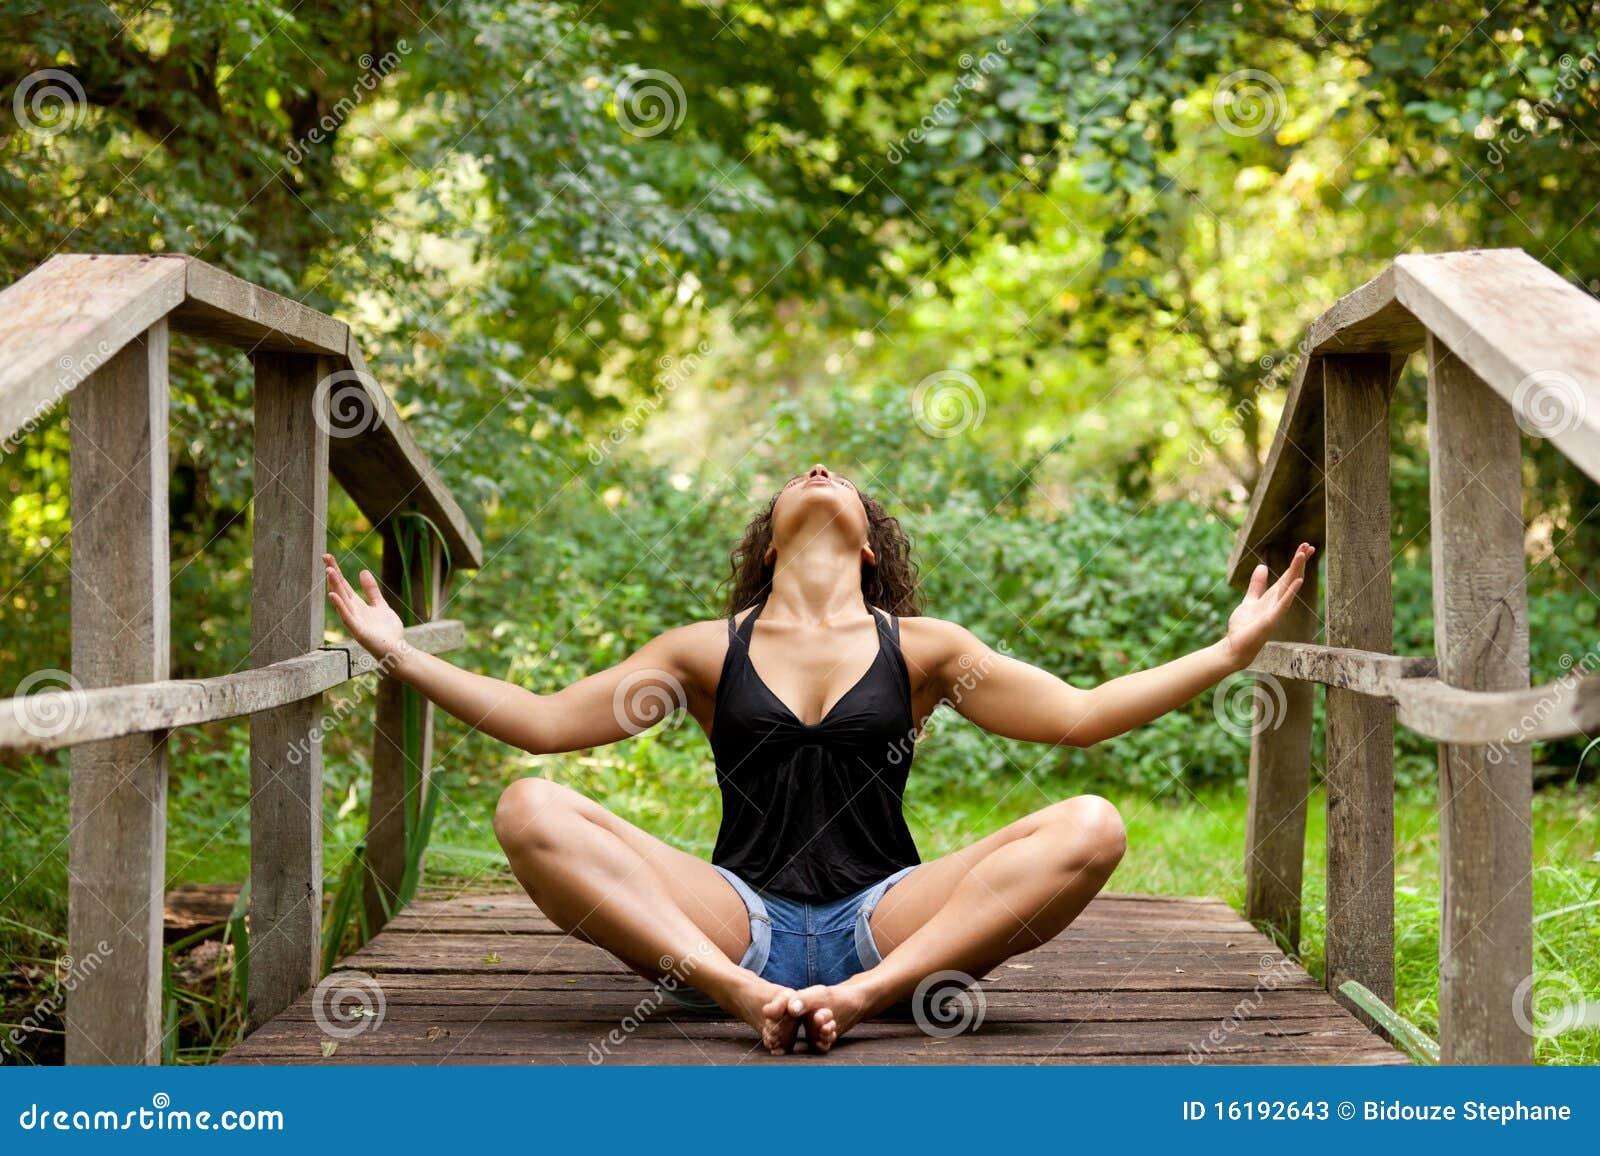 Nature Photos: Yoga Nature Photos